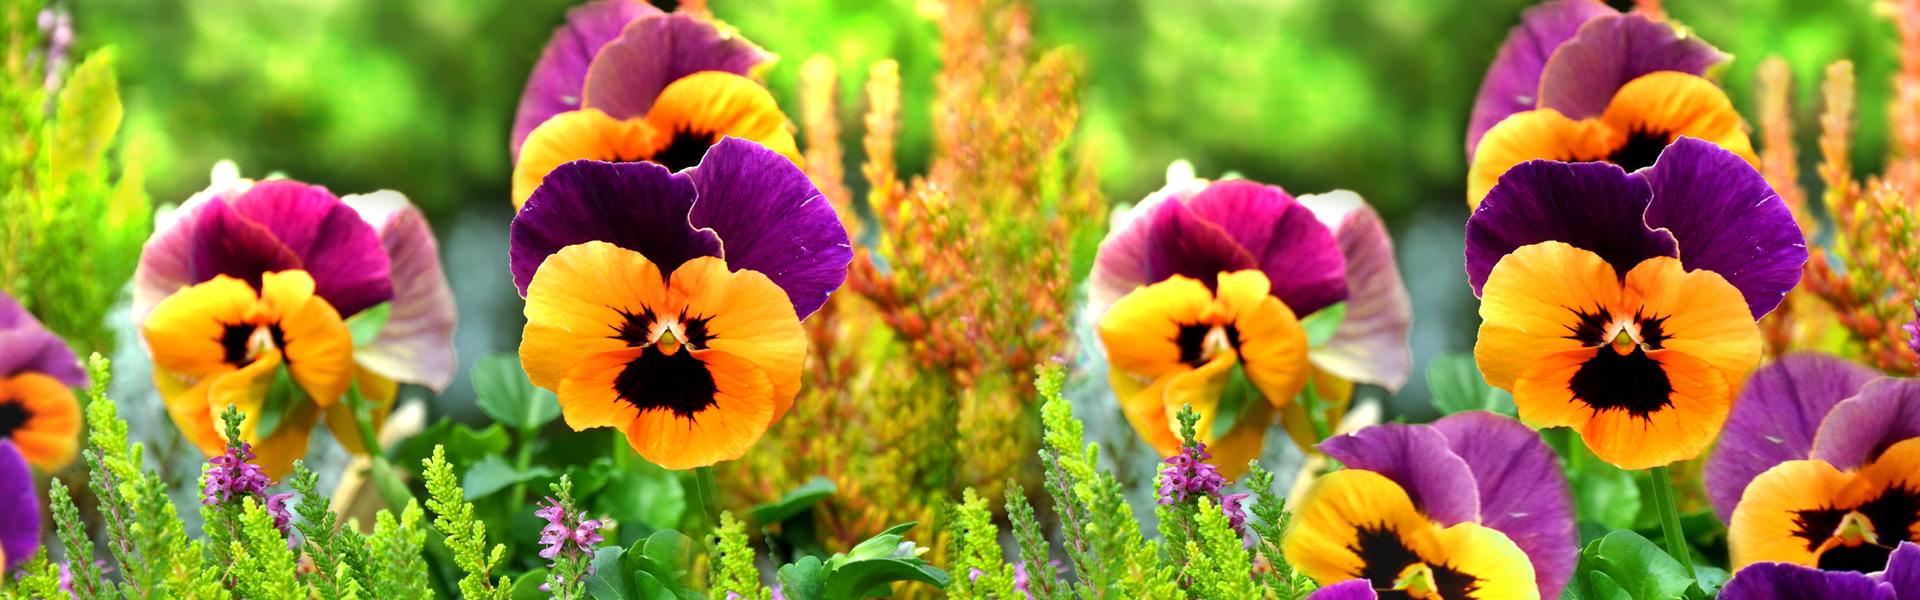 nasiona kwiatów bielsko, cebulki kwiatowe bielsko